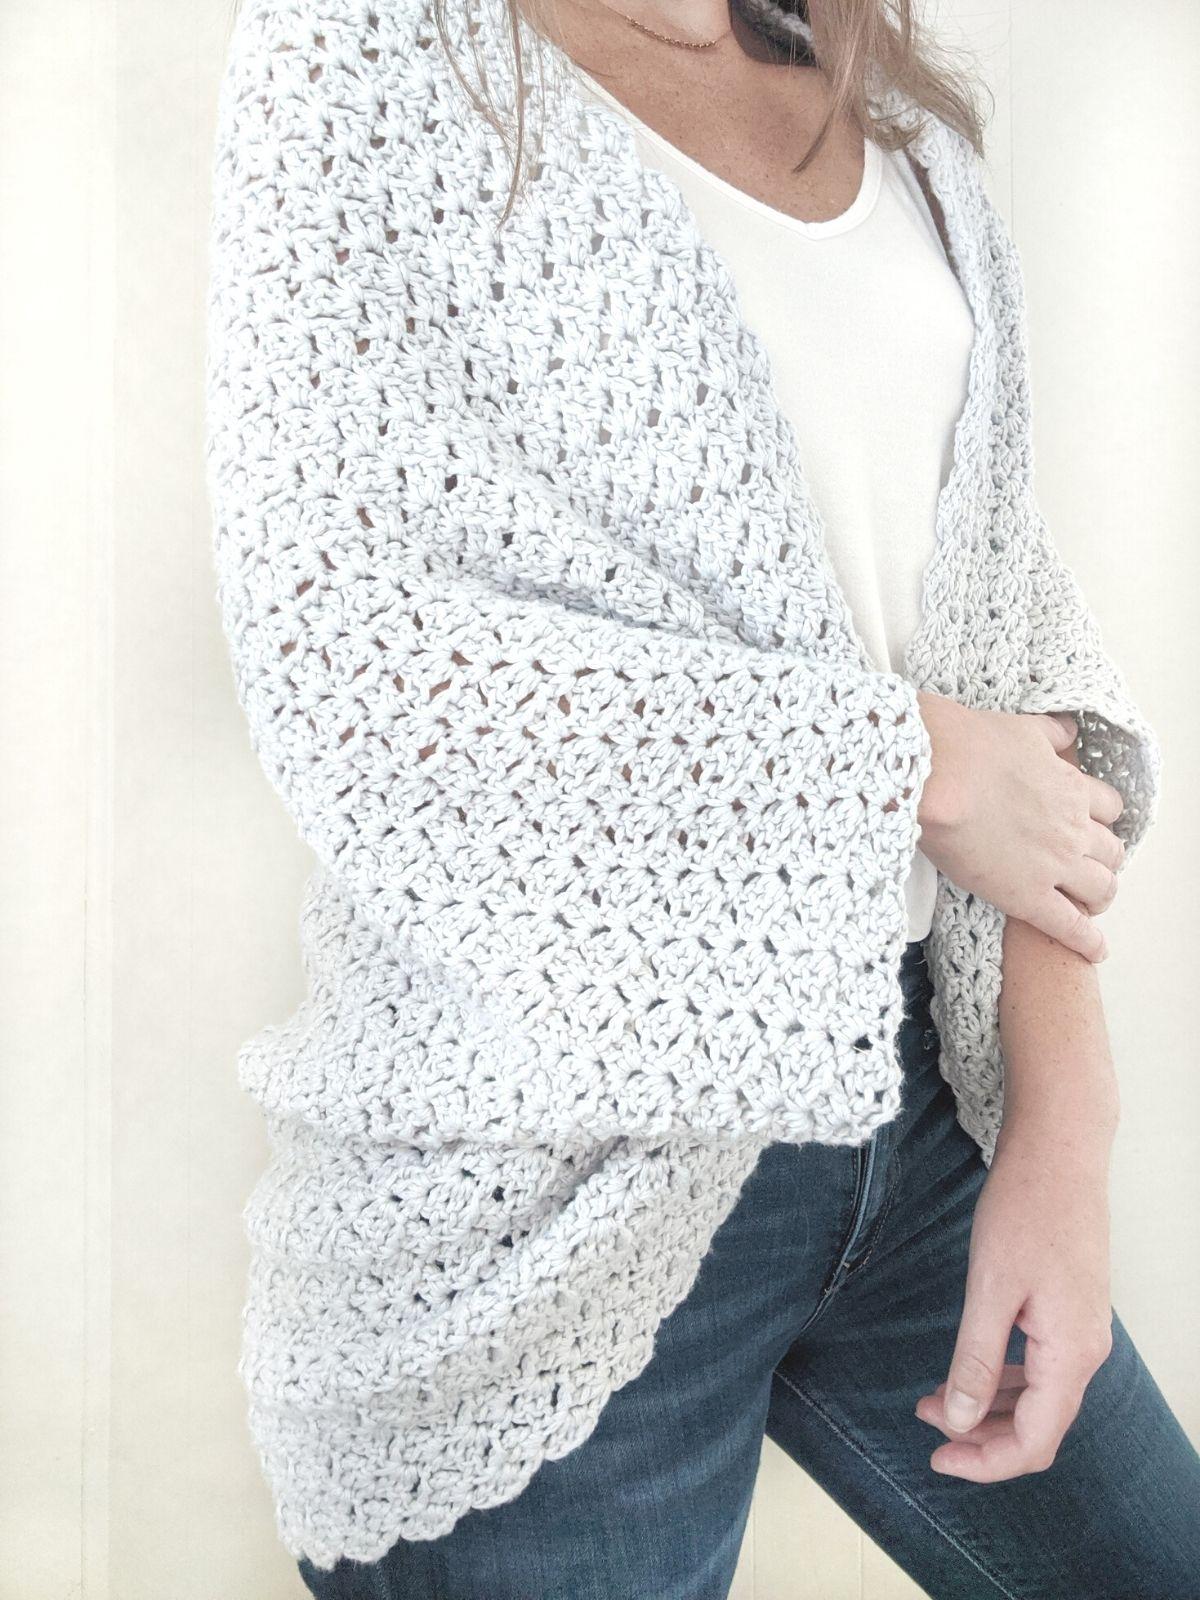 full view of the crochet blanket shrug